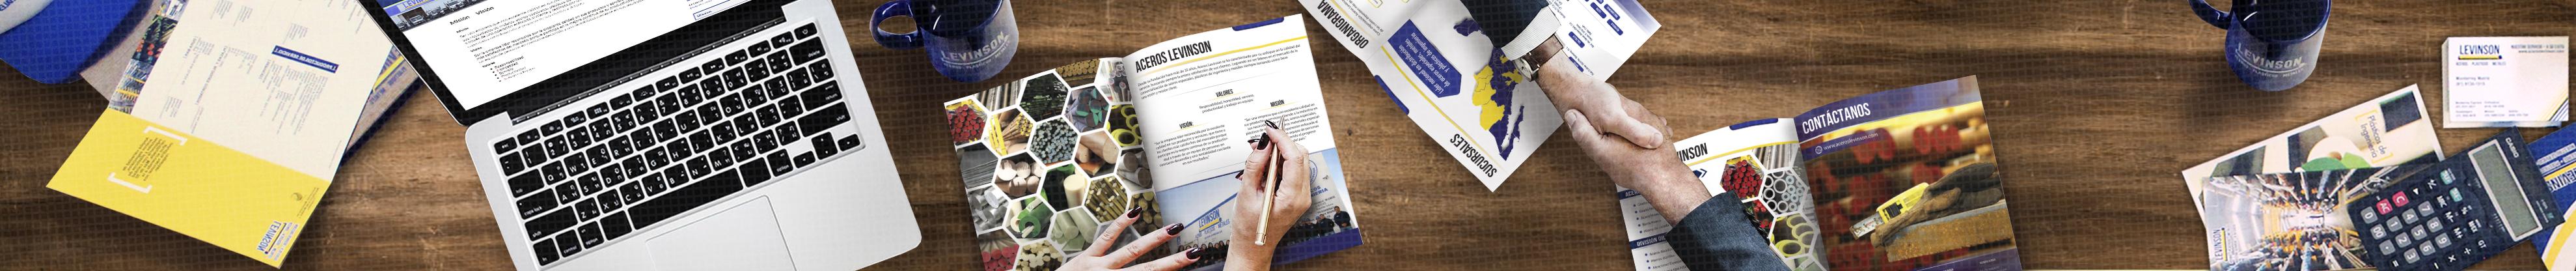 Misión - Visión - Aceros Levinson